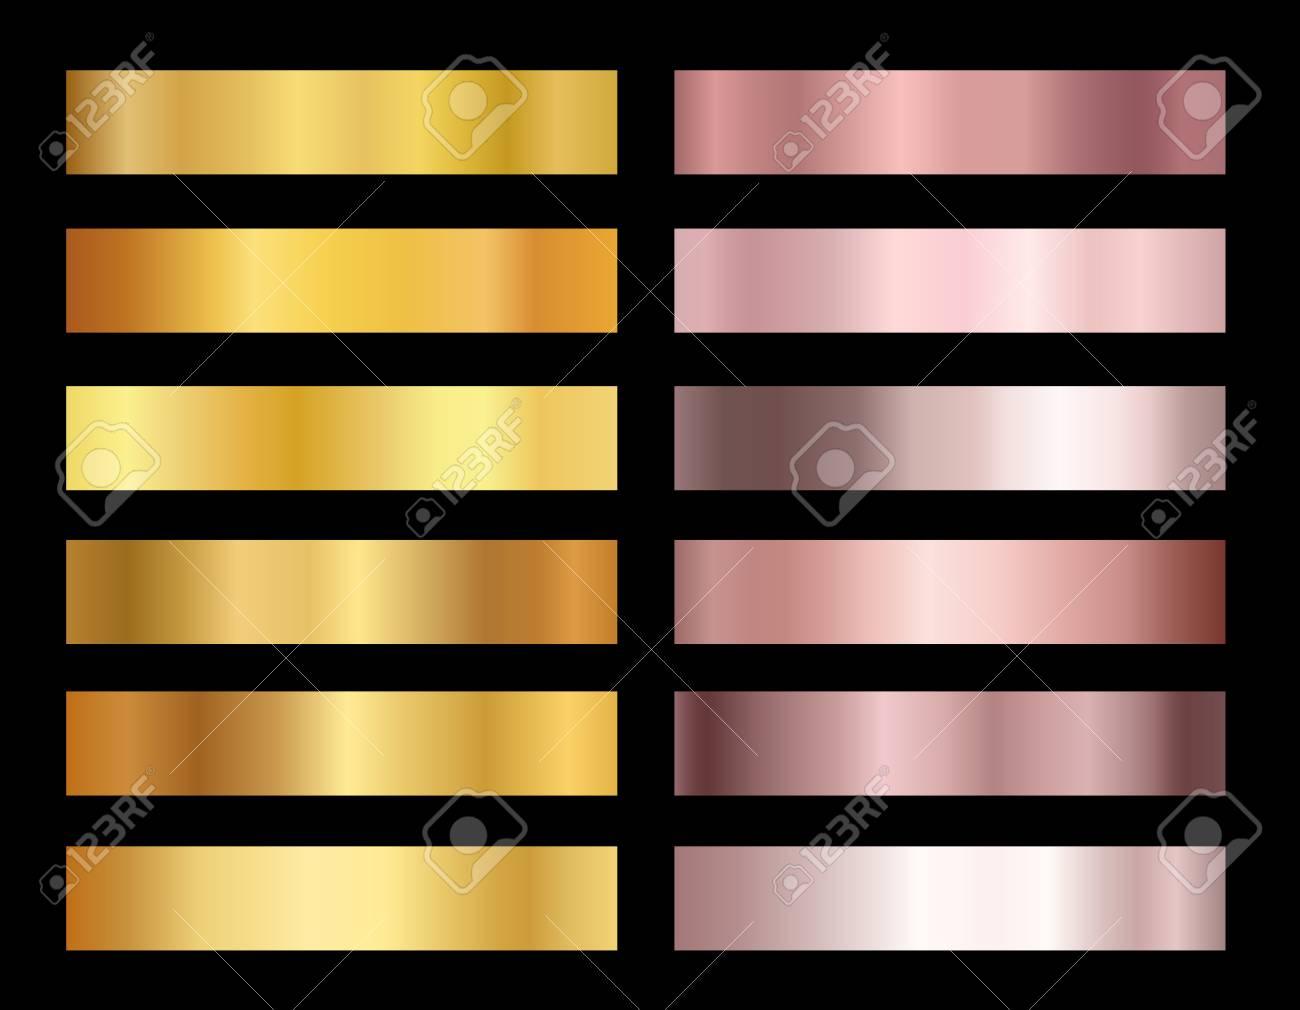 Set of gold rose and gold foil texture backgrounds vector illustration. Elegant, shiny gradients collection for border, frame, ribbon, pink golden label design. - 100307594